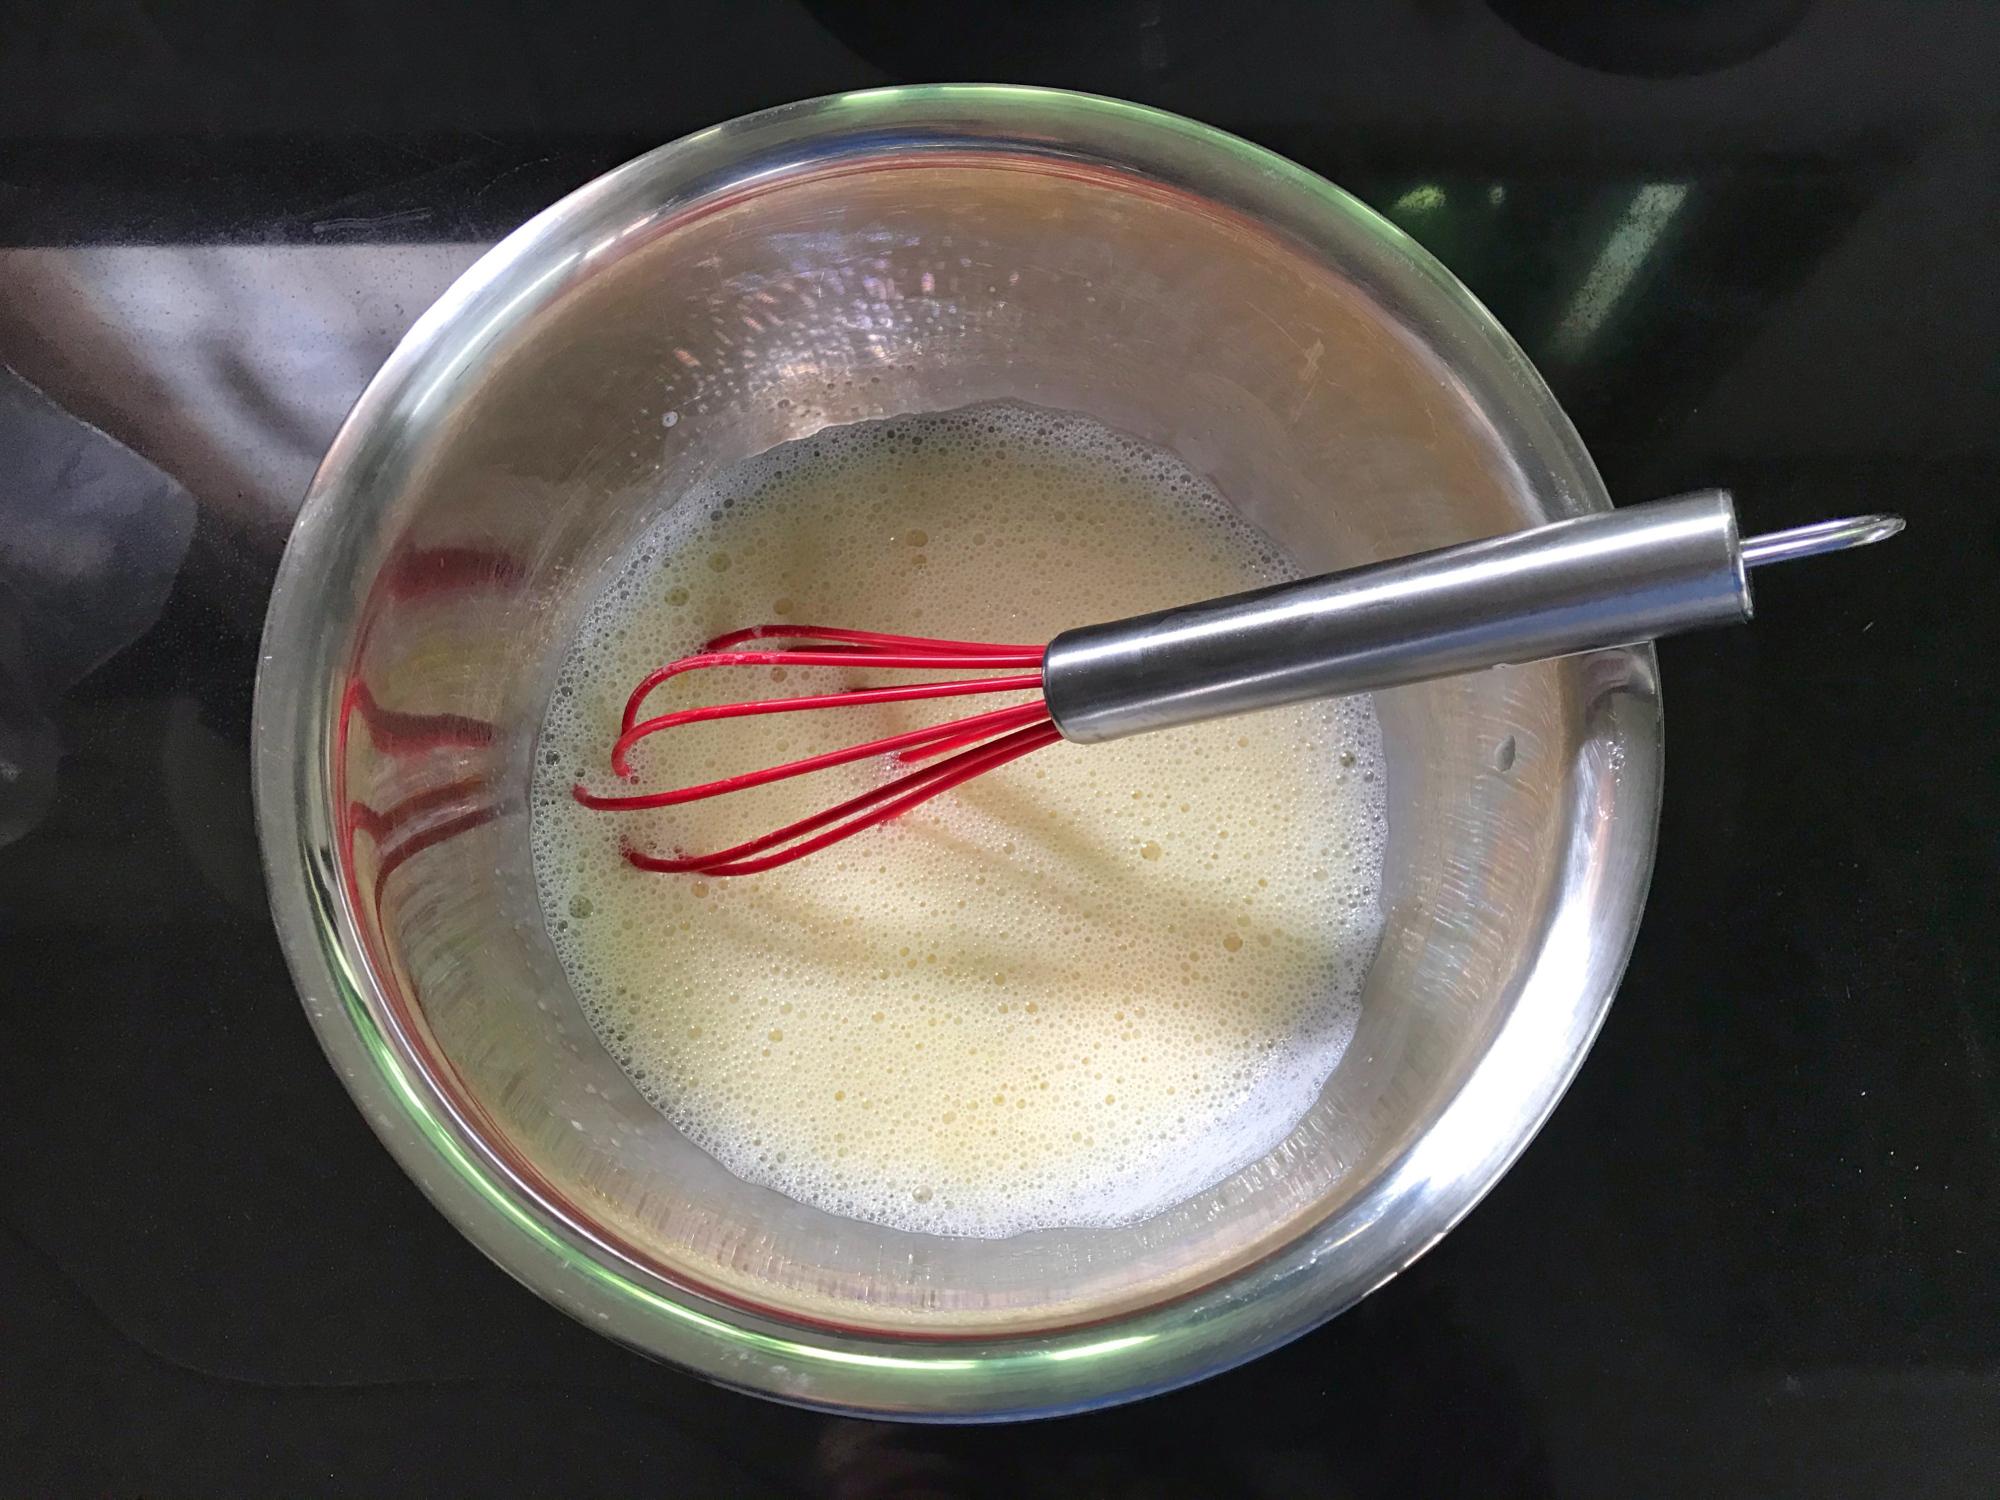 糯米粉還能這樣吃,加個雞蛋攪一攪,香酥軟糯,一口一個太香了